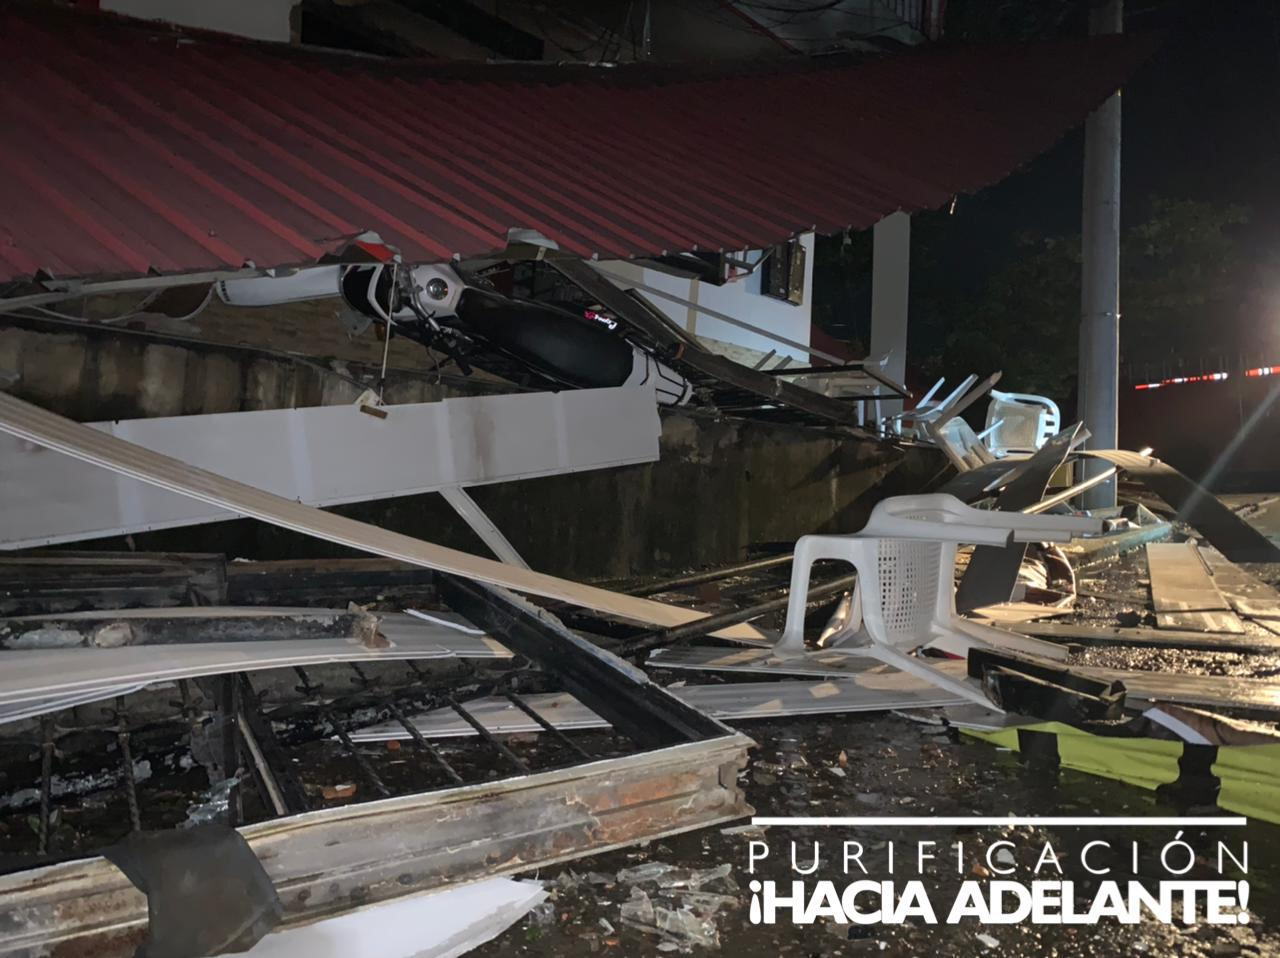 Fotos y video: Explosión de asadero de Purificación dejó cuatro heridos